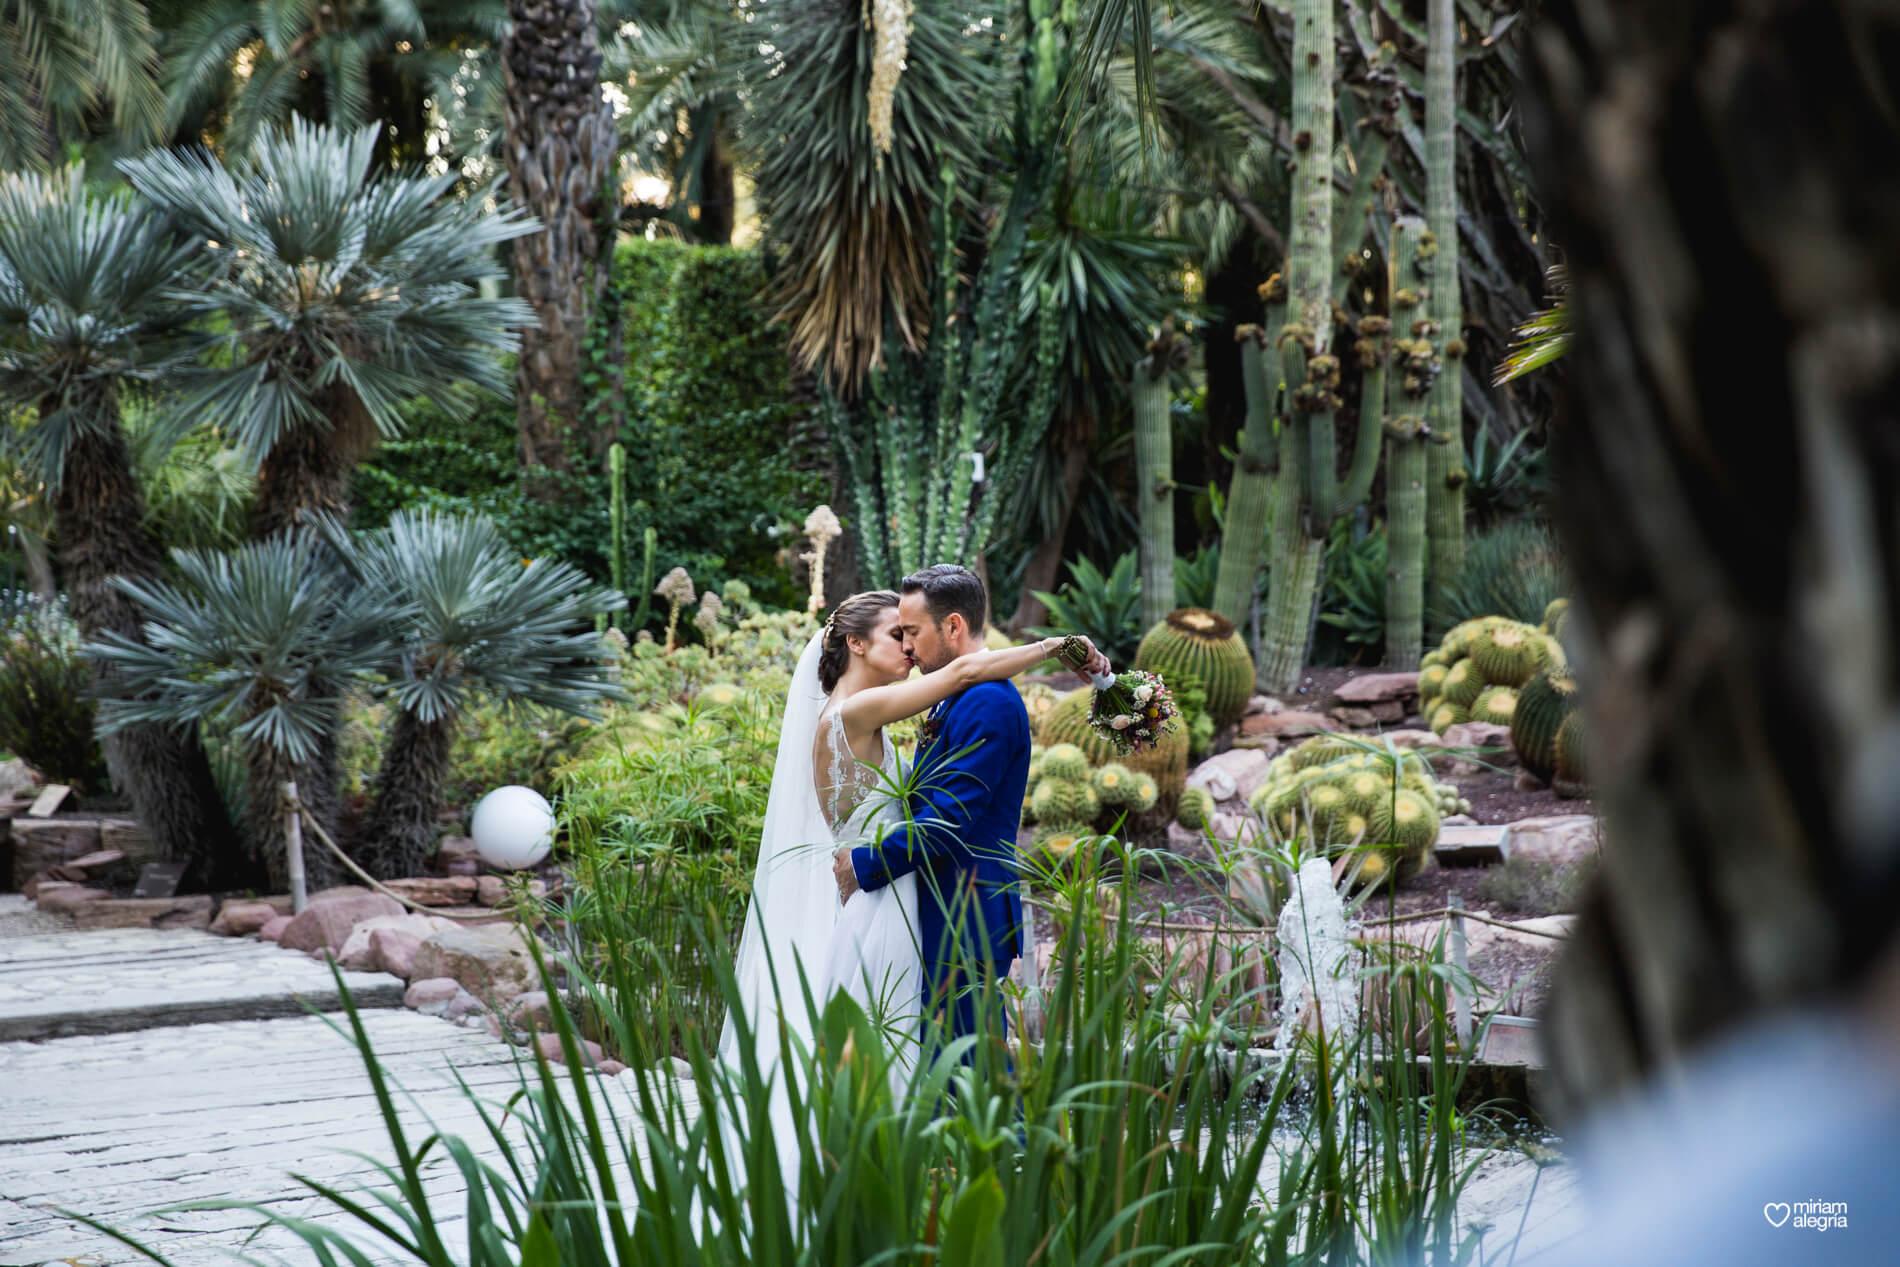 wedding-huerto-del-cura-elche-miriam-alegria-fotografos-boda-30